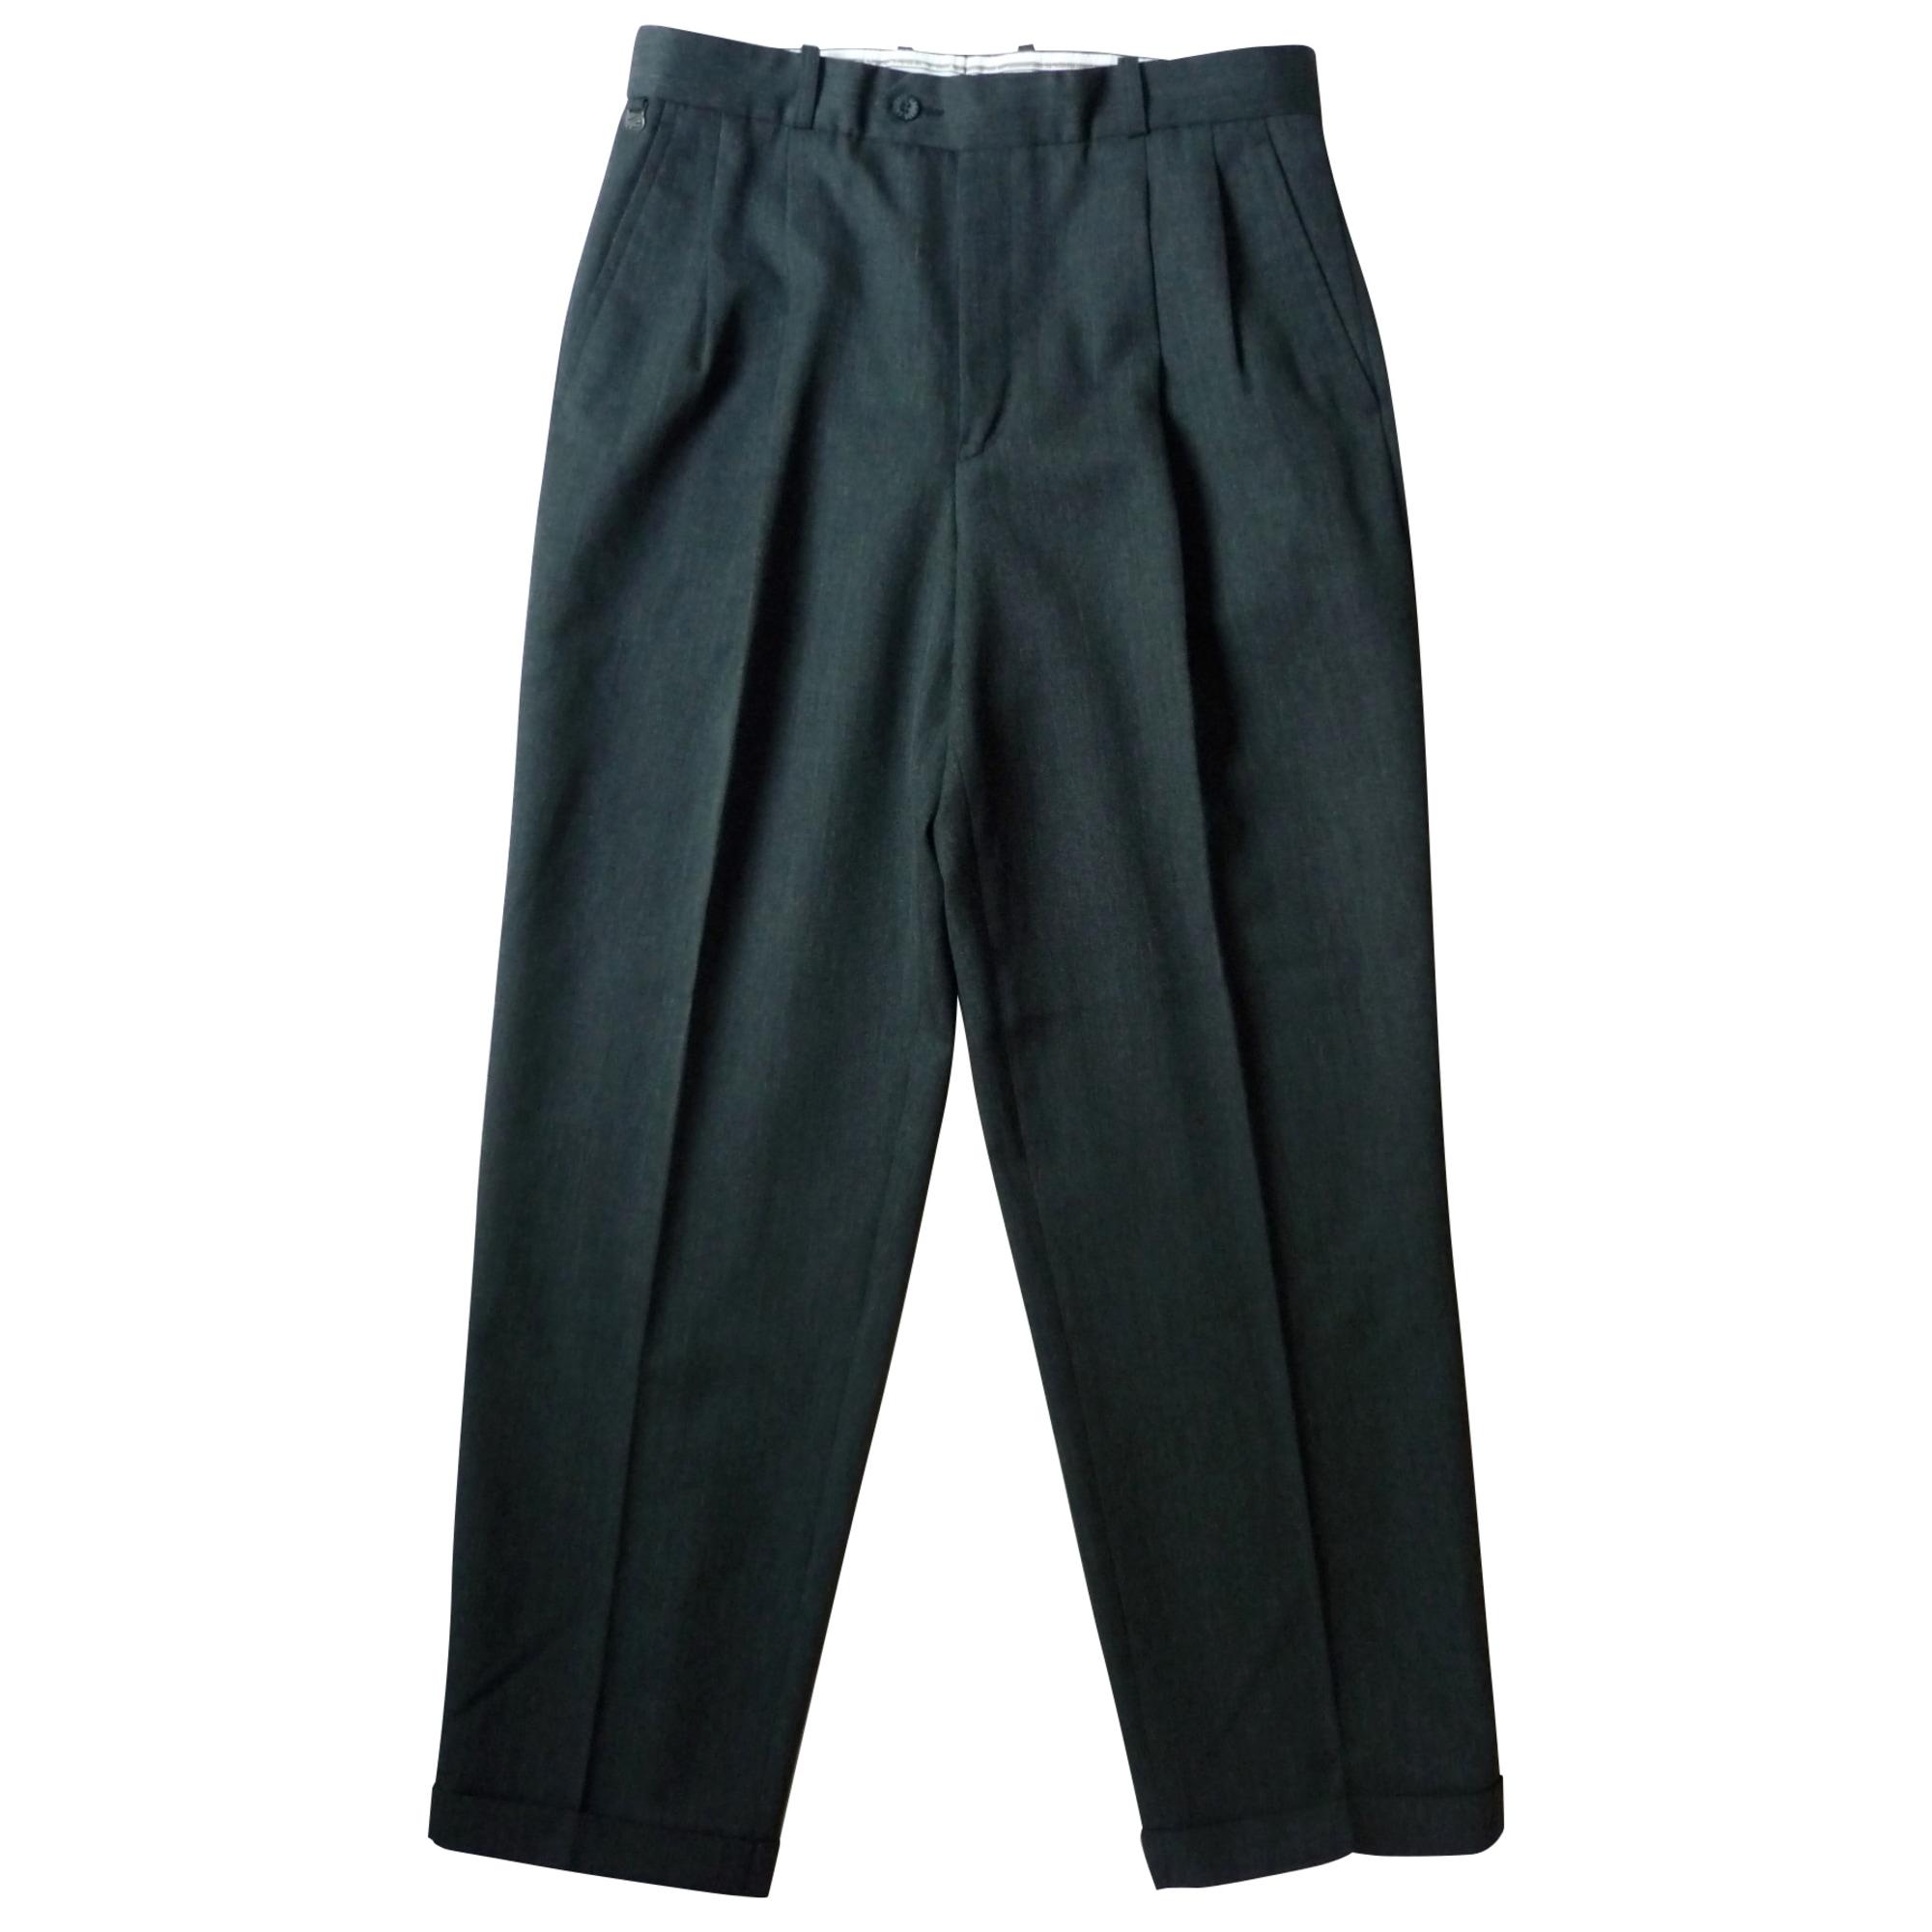 Pantalon droit LACOSTE Gris, anthracite